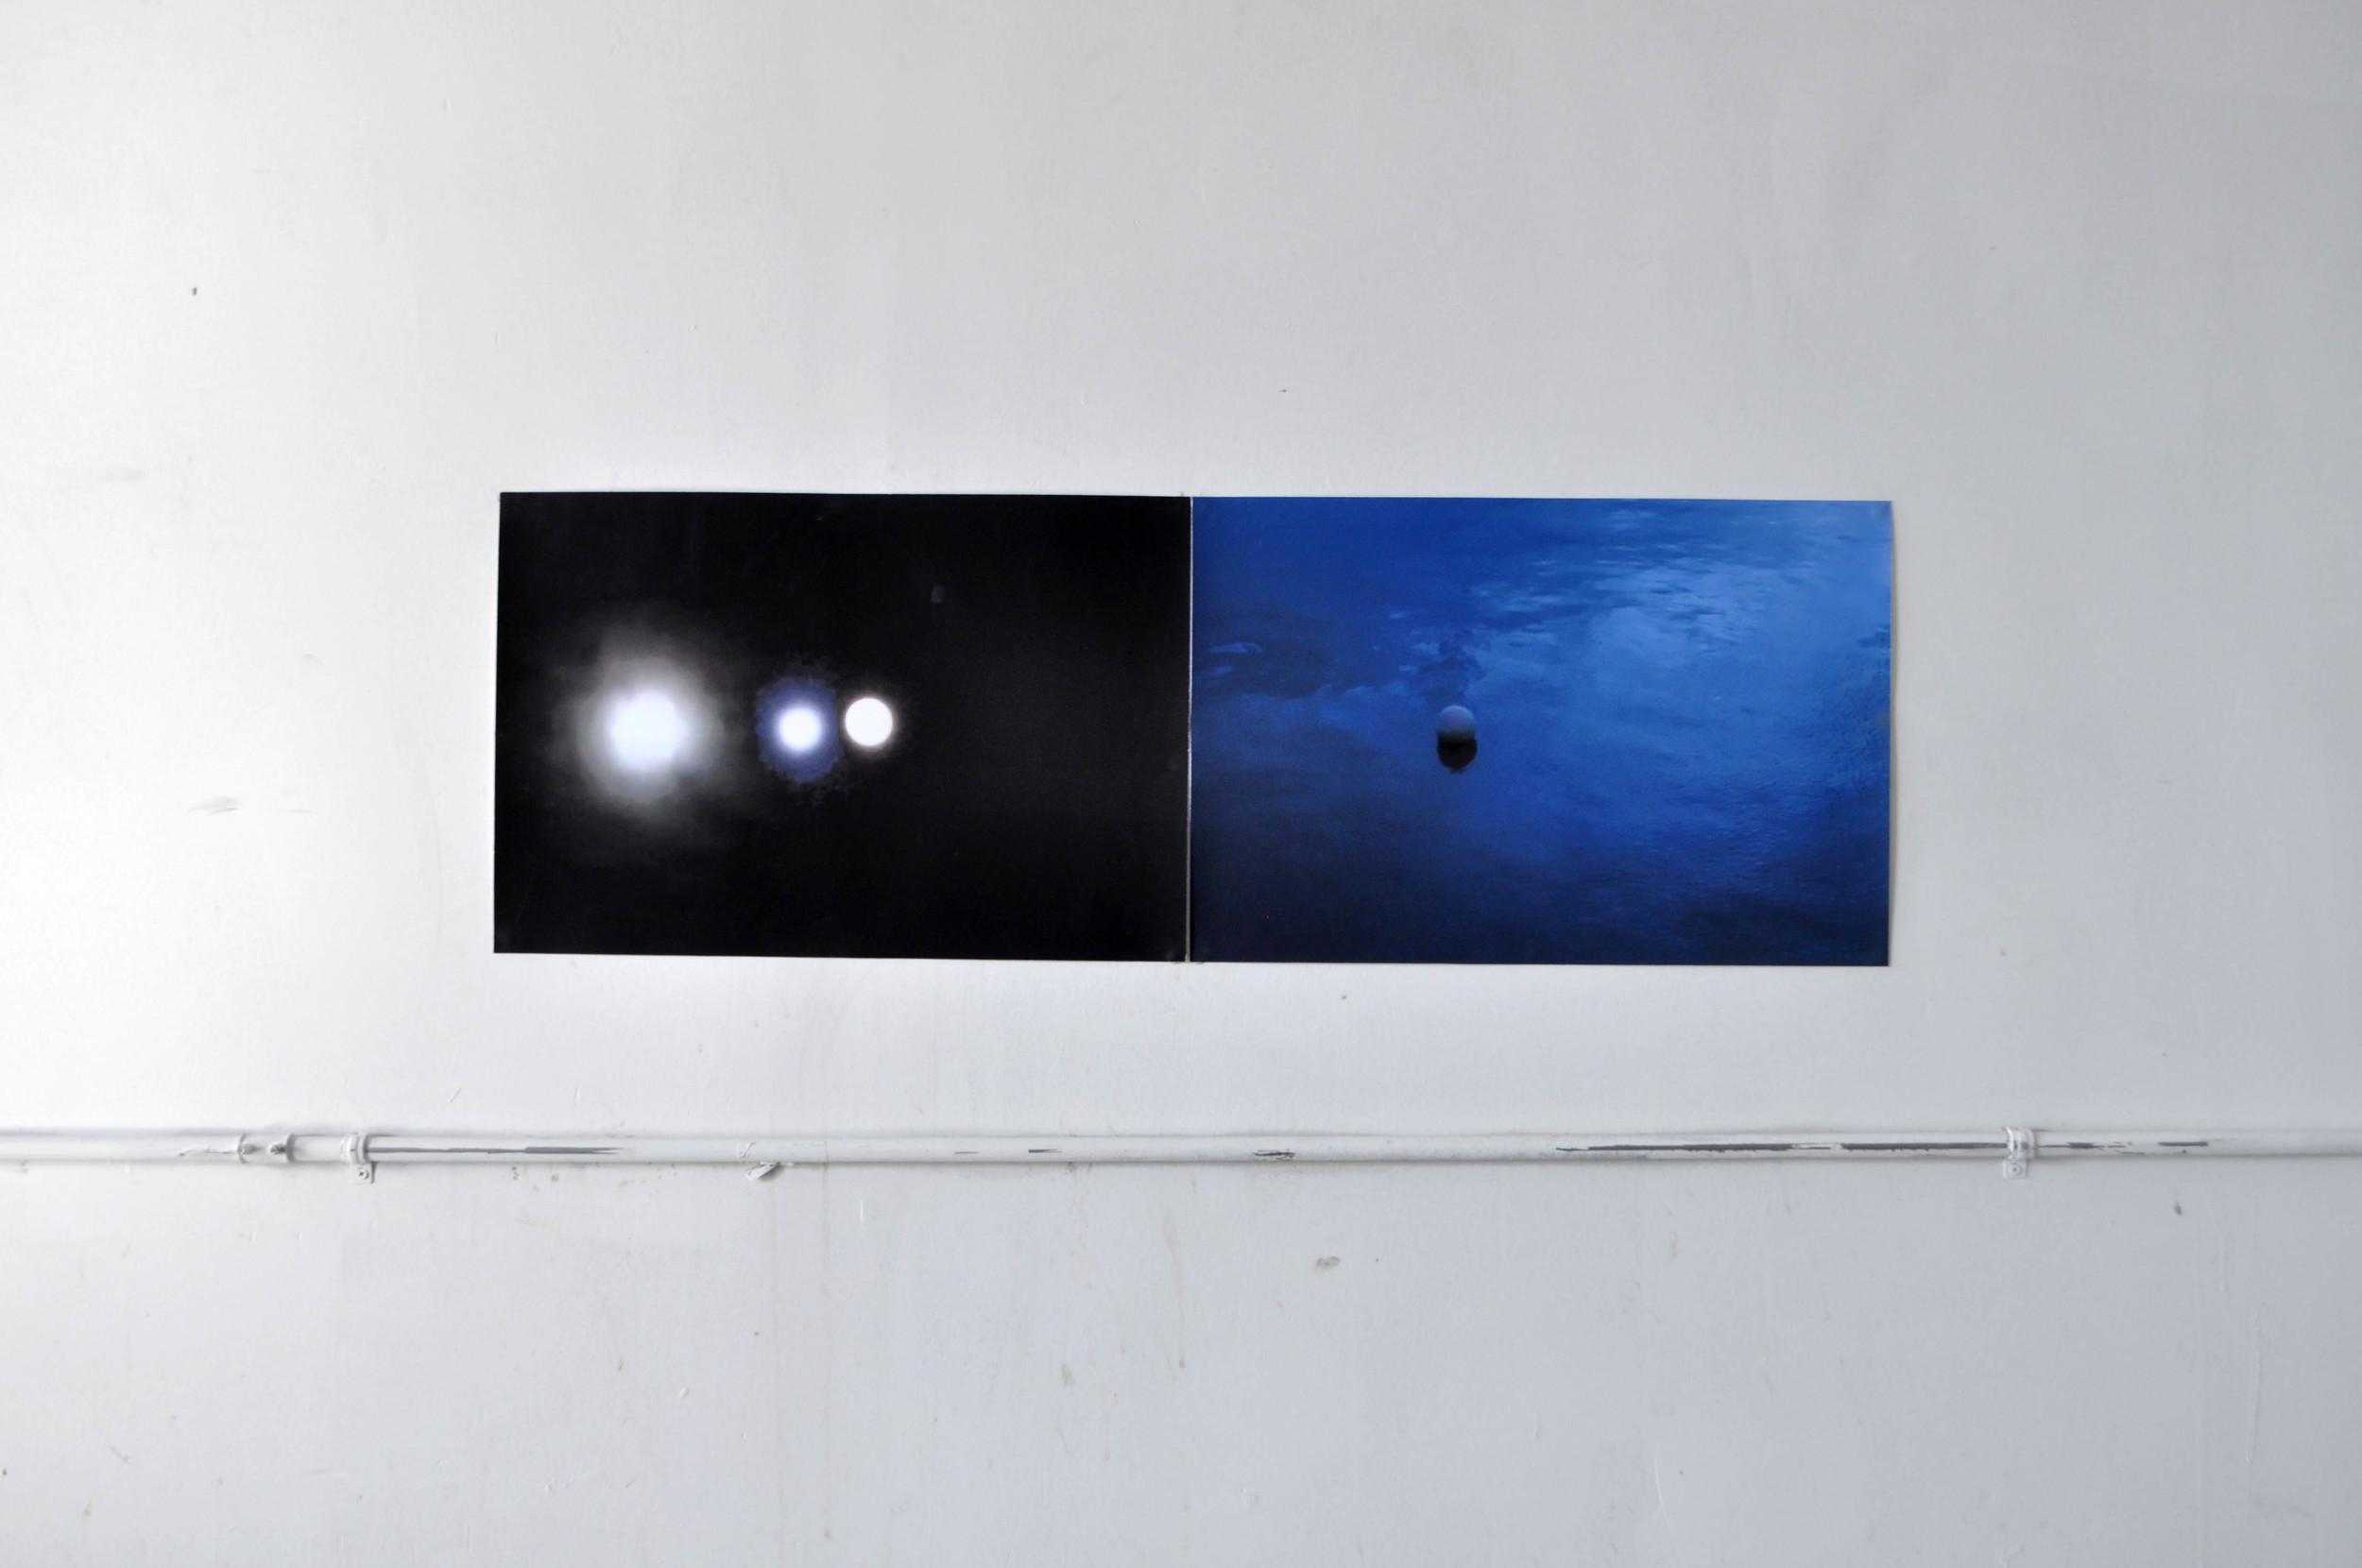 Monde (full) ;Honmura Blue, 2014 c-print dimensions variable